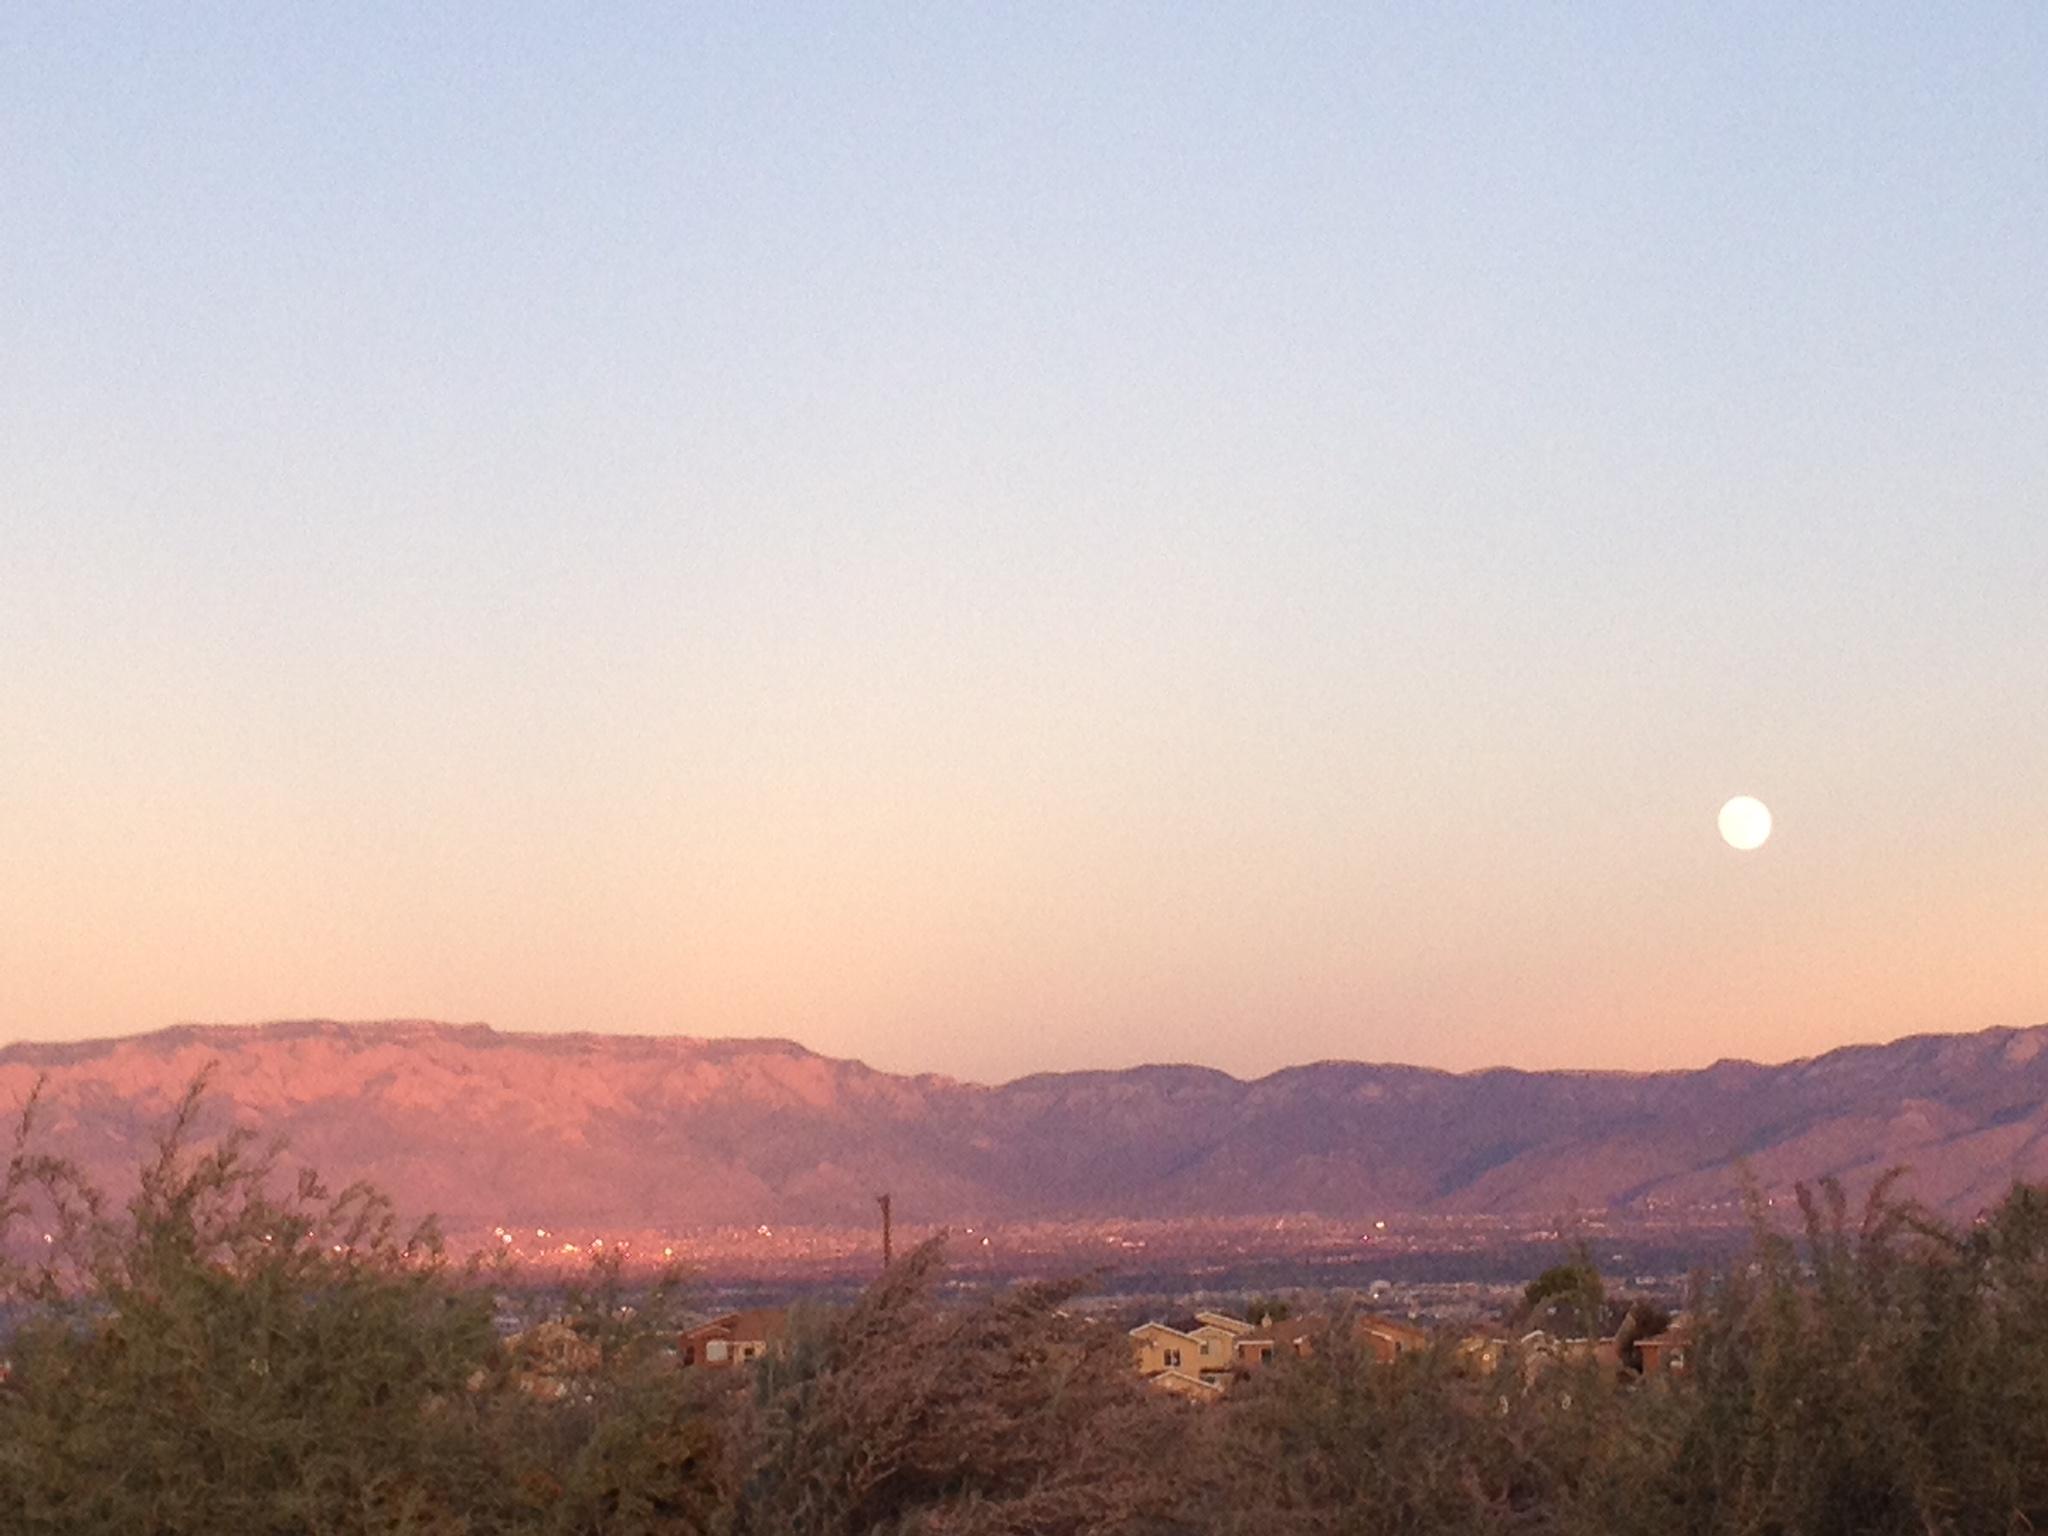 Moonrise over Albuquerque.